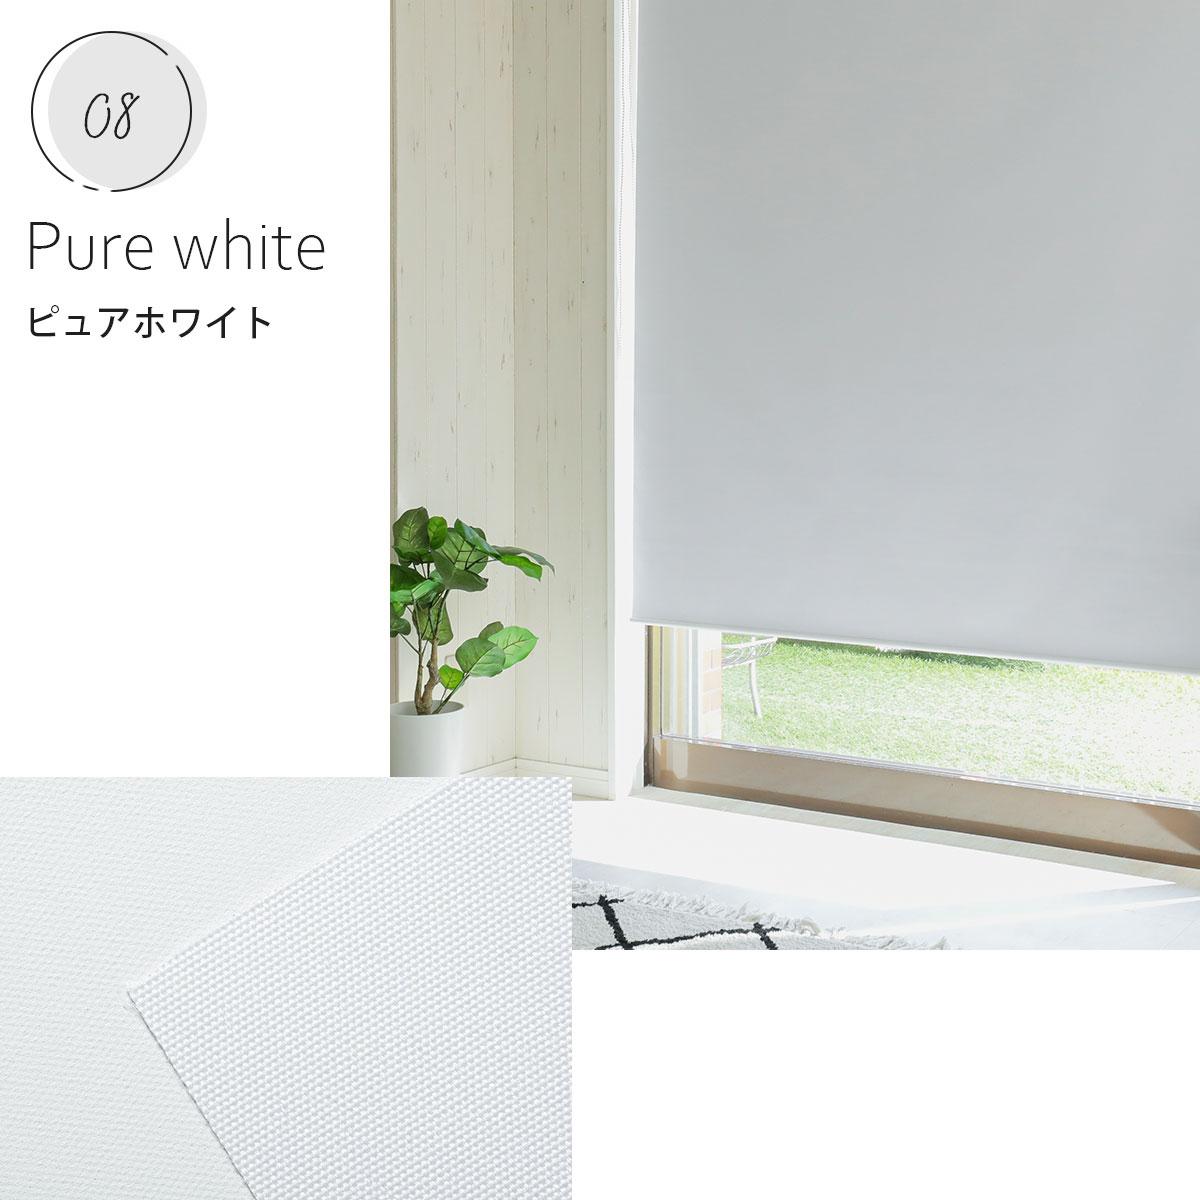 定番のシンプルカラーピュアホワイト